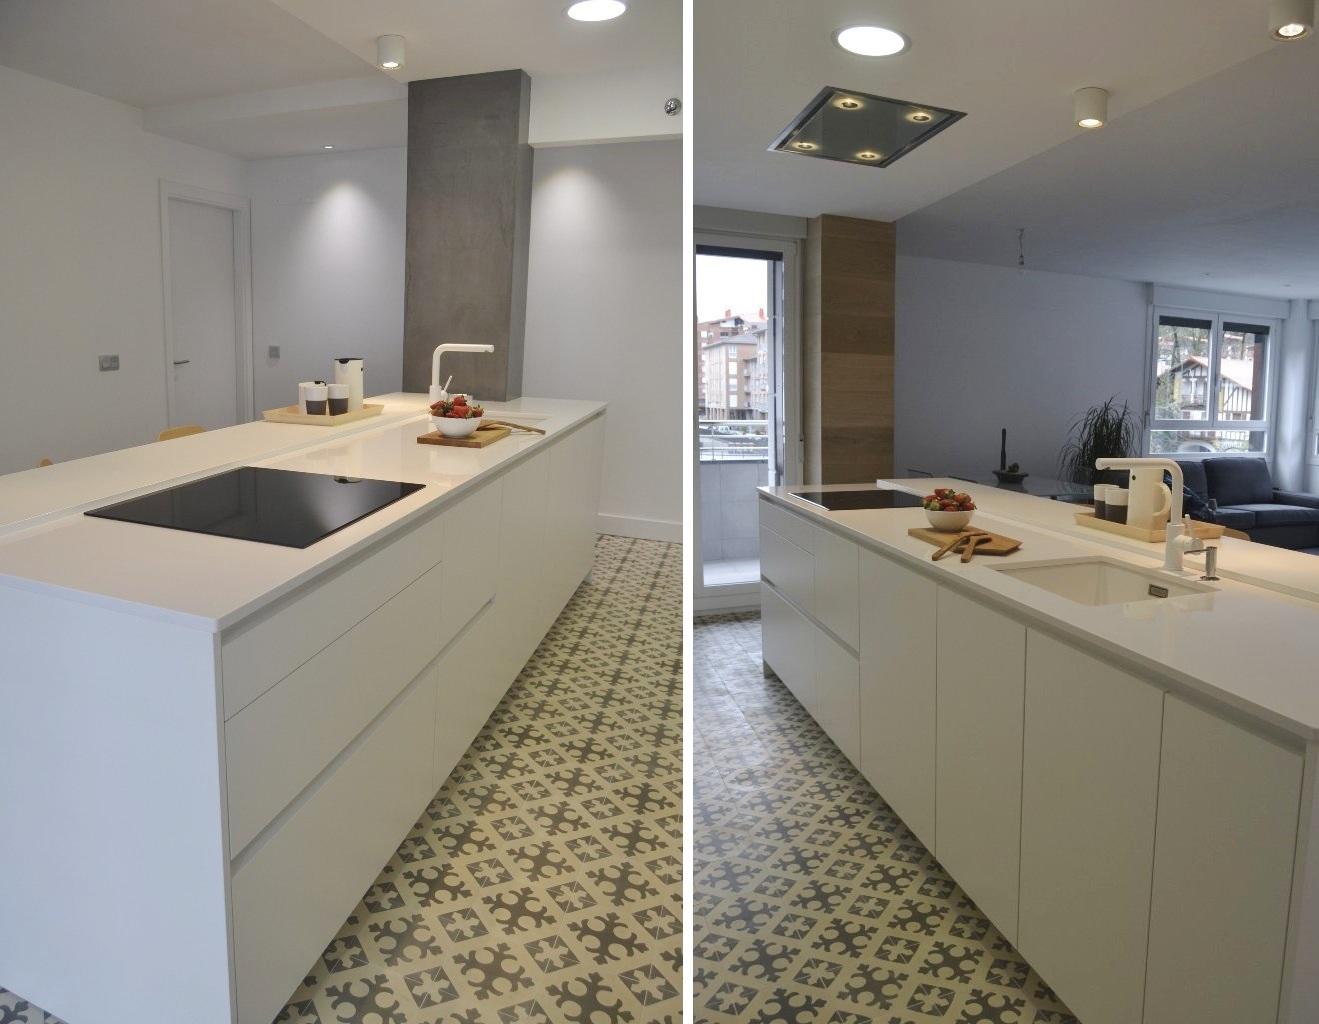 Suelos para cocinas blancas suelos para casas rsticas - Suelos para cocinas blancas ...